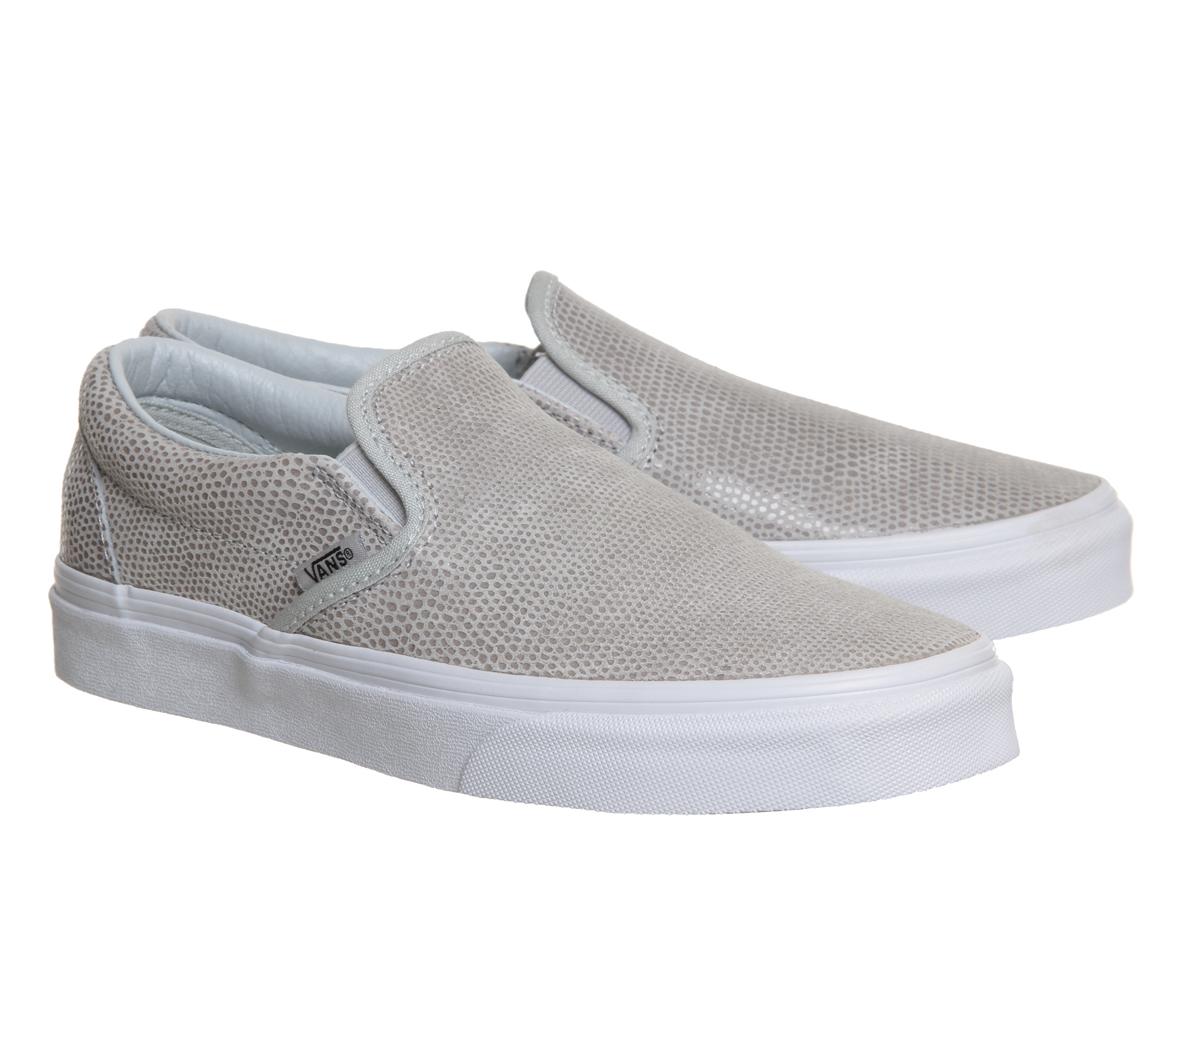 Vans Leather Slip On Shoes Beige